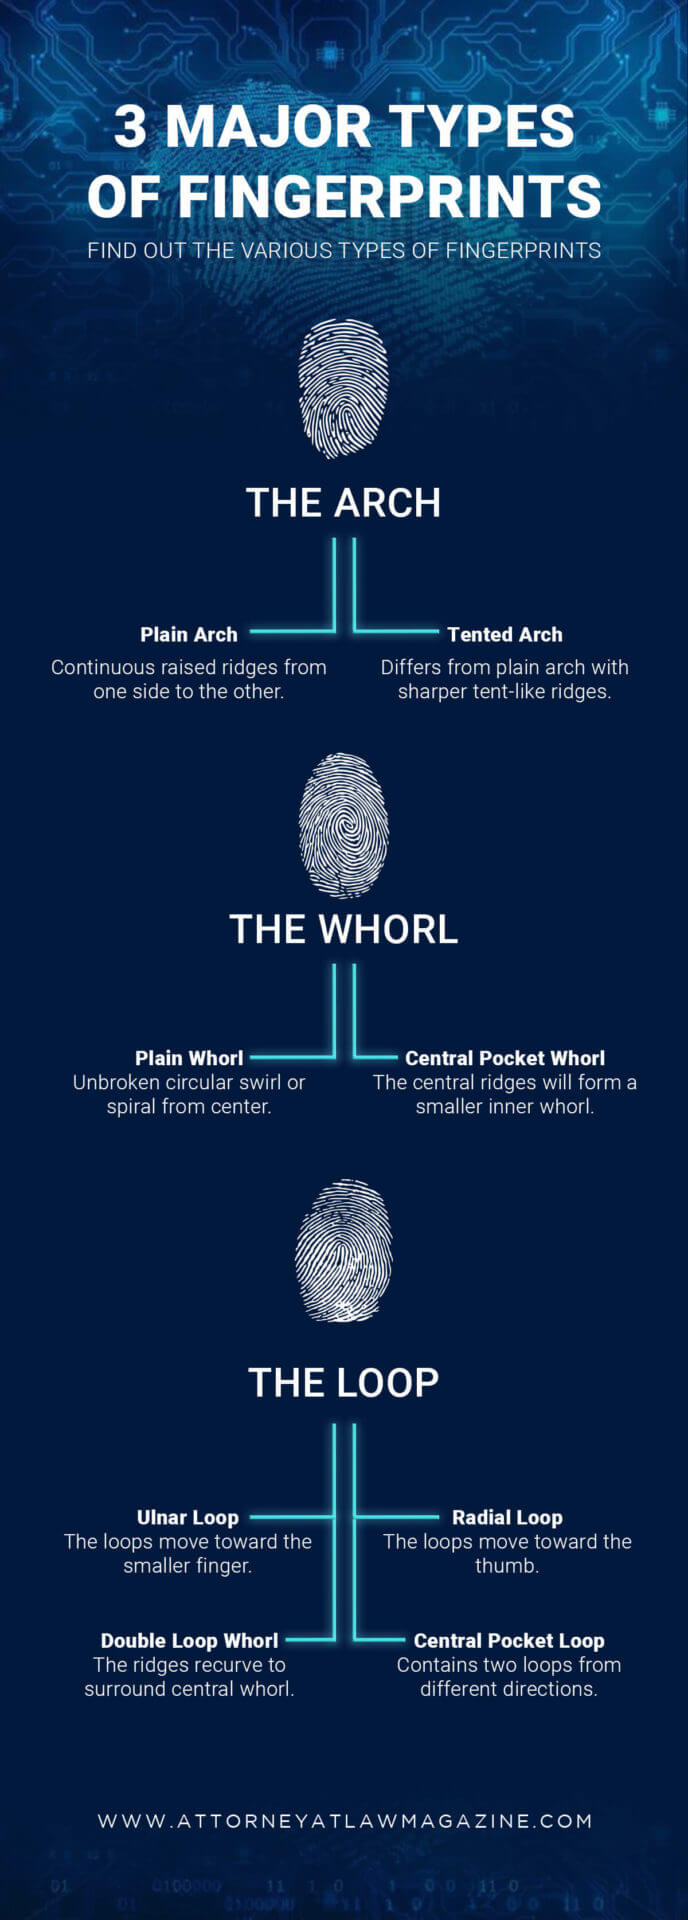 3 major types of fingerprints